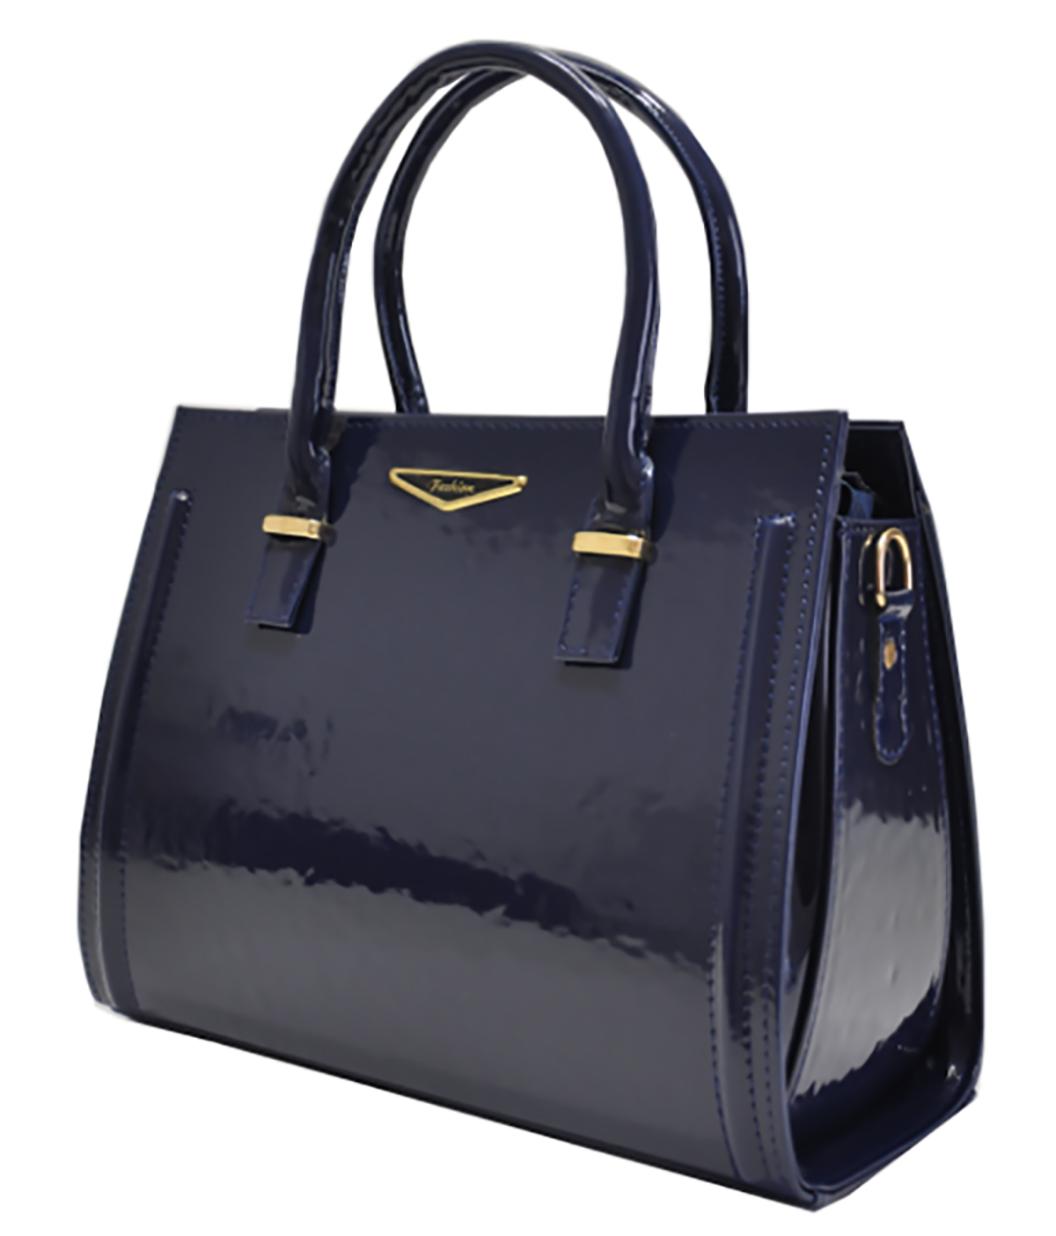 d9b37e310539 Сумка классическая синяя лаковая жесткая стильная - Интернет-магазин сумки  Lumy в Черновцах